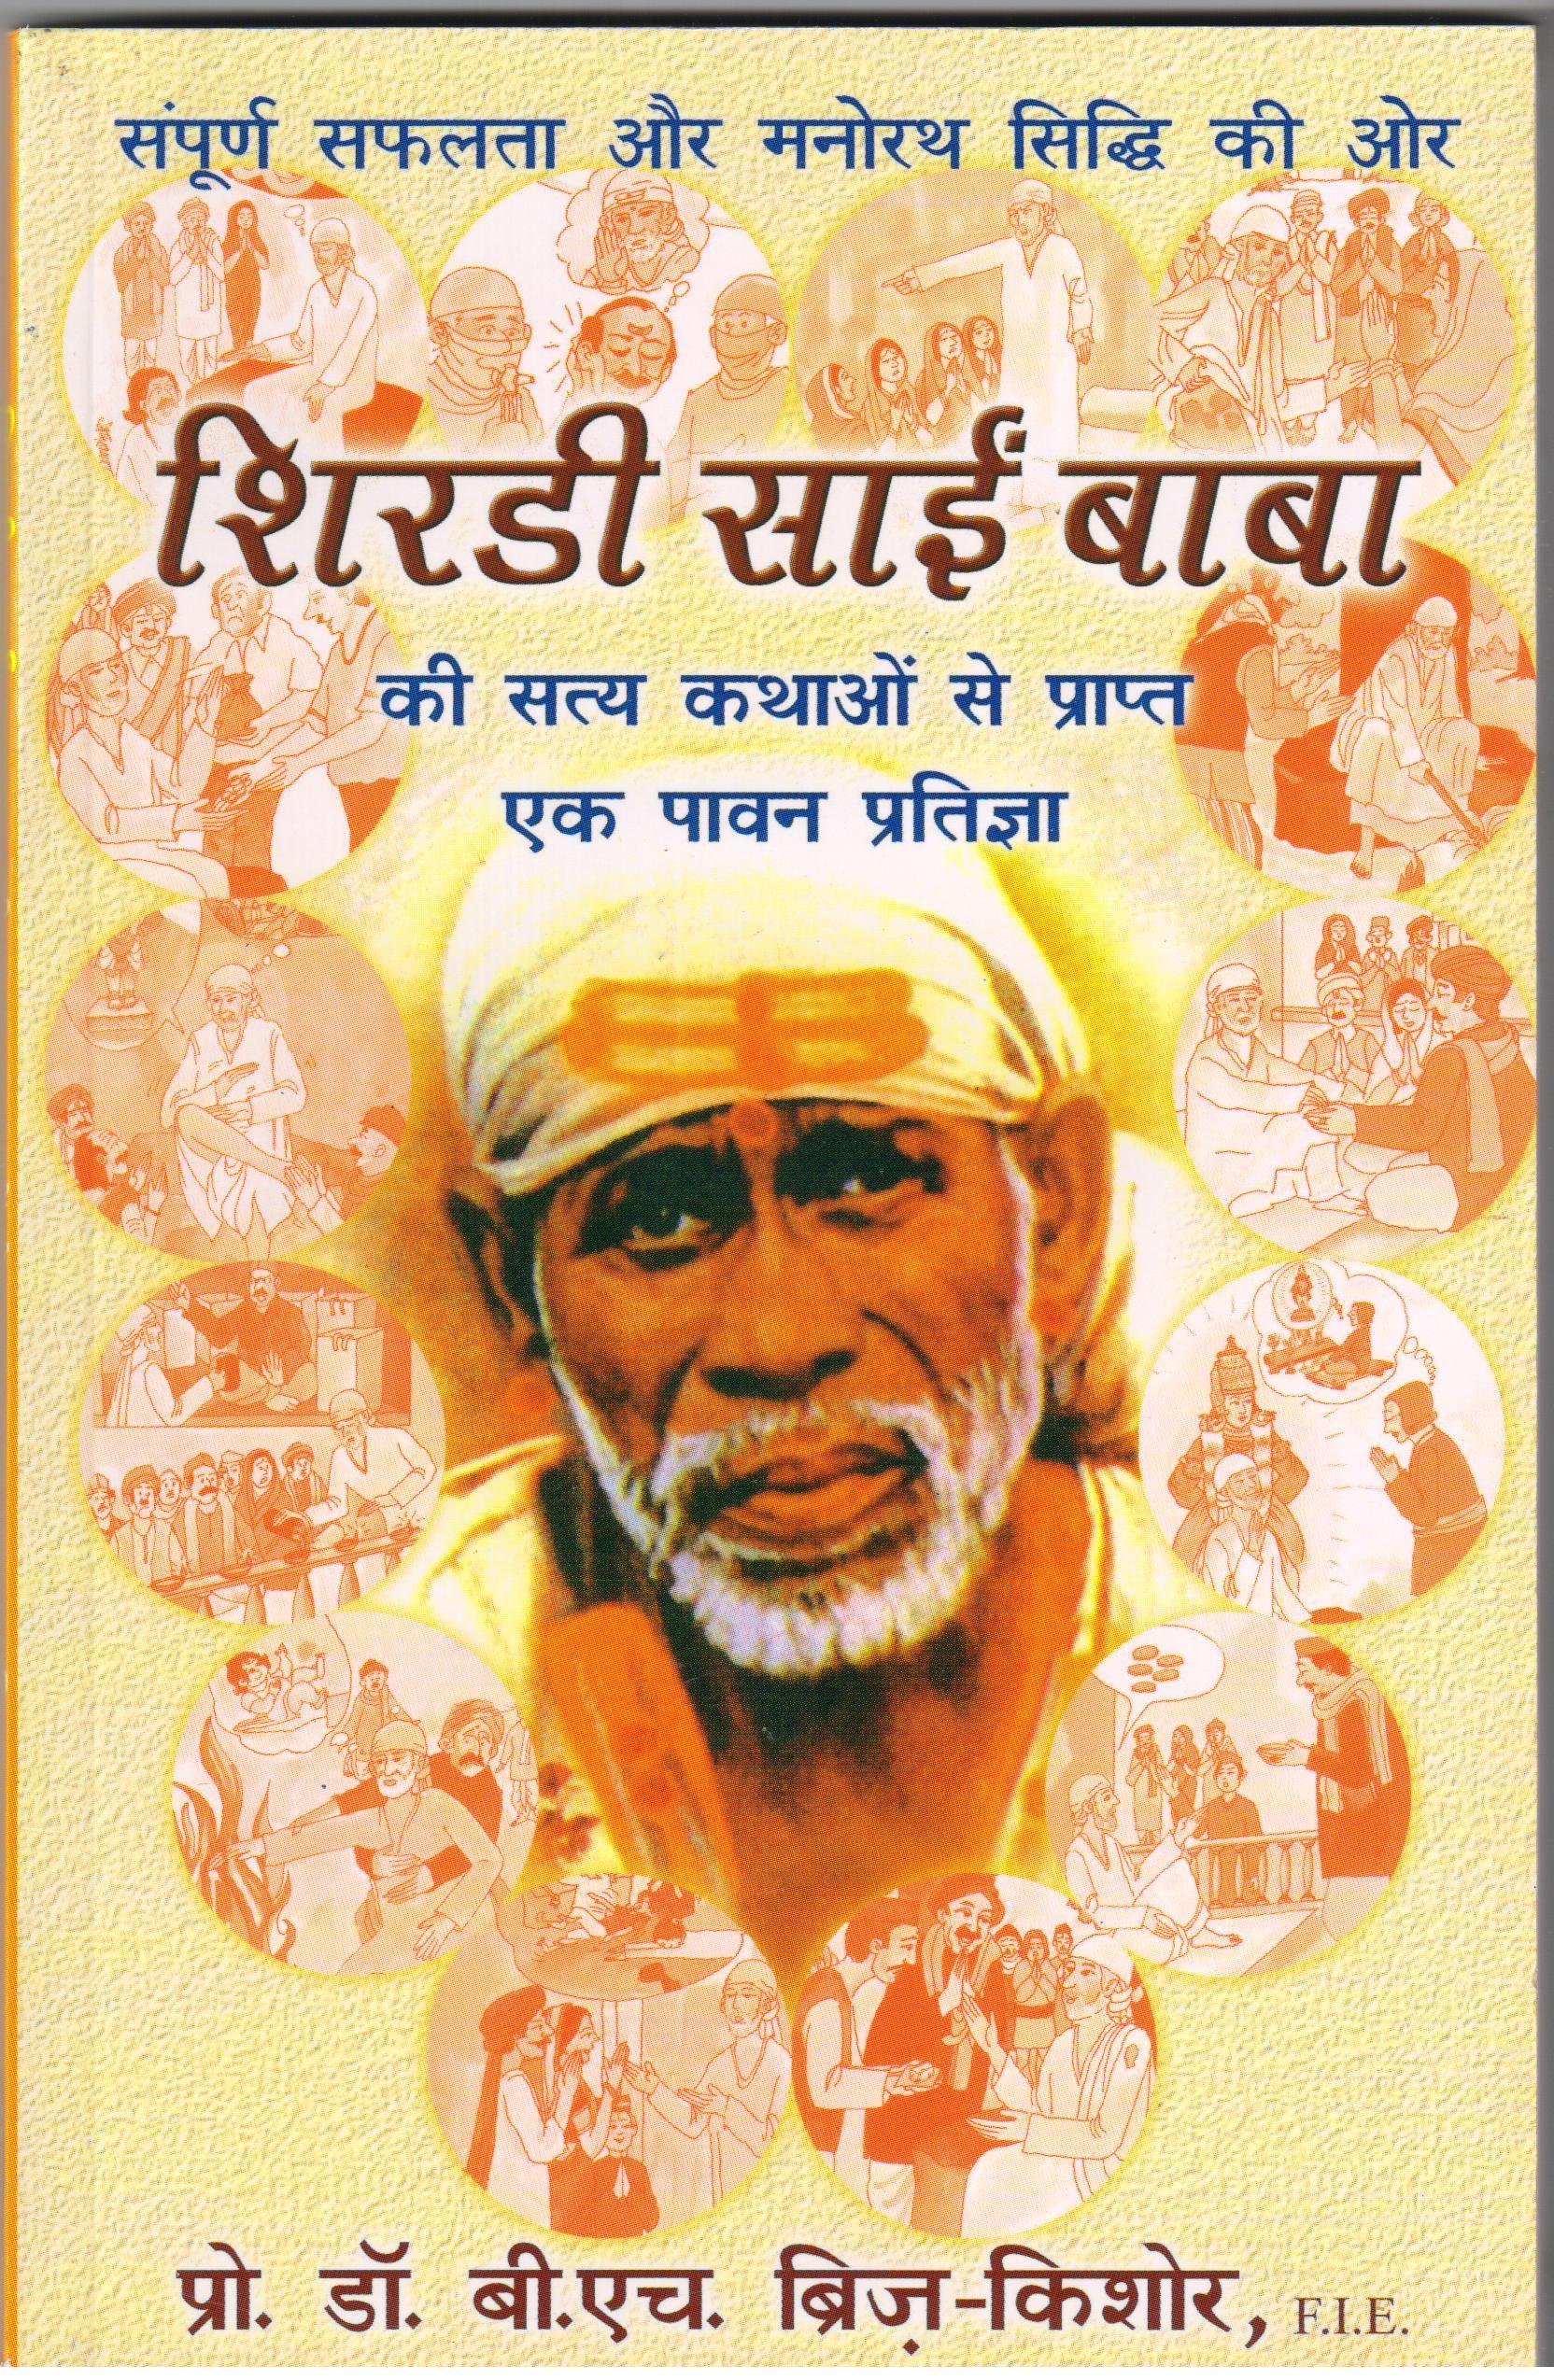 Shirdi Sai Baba Satya Kathaonse Prapt Ek Paavan Pratigya In Hindi Sai Baba Solemn Tales